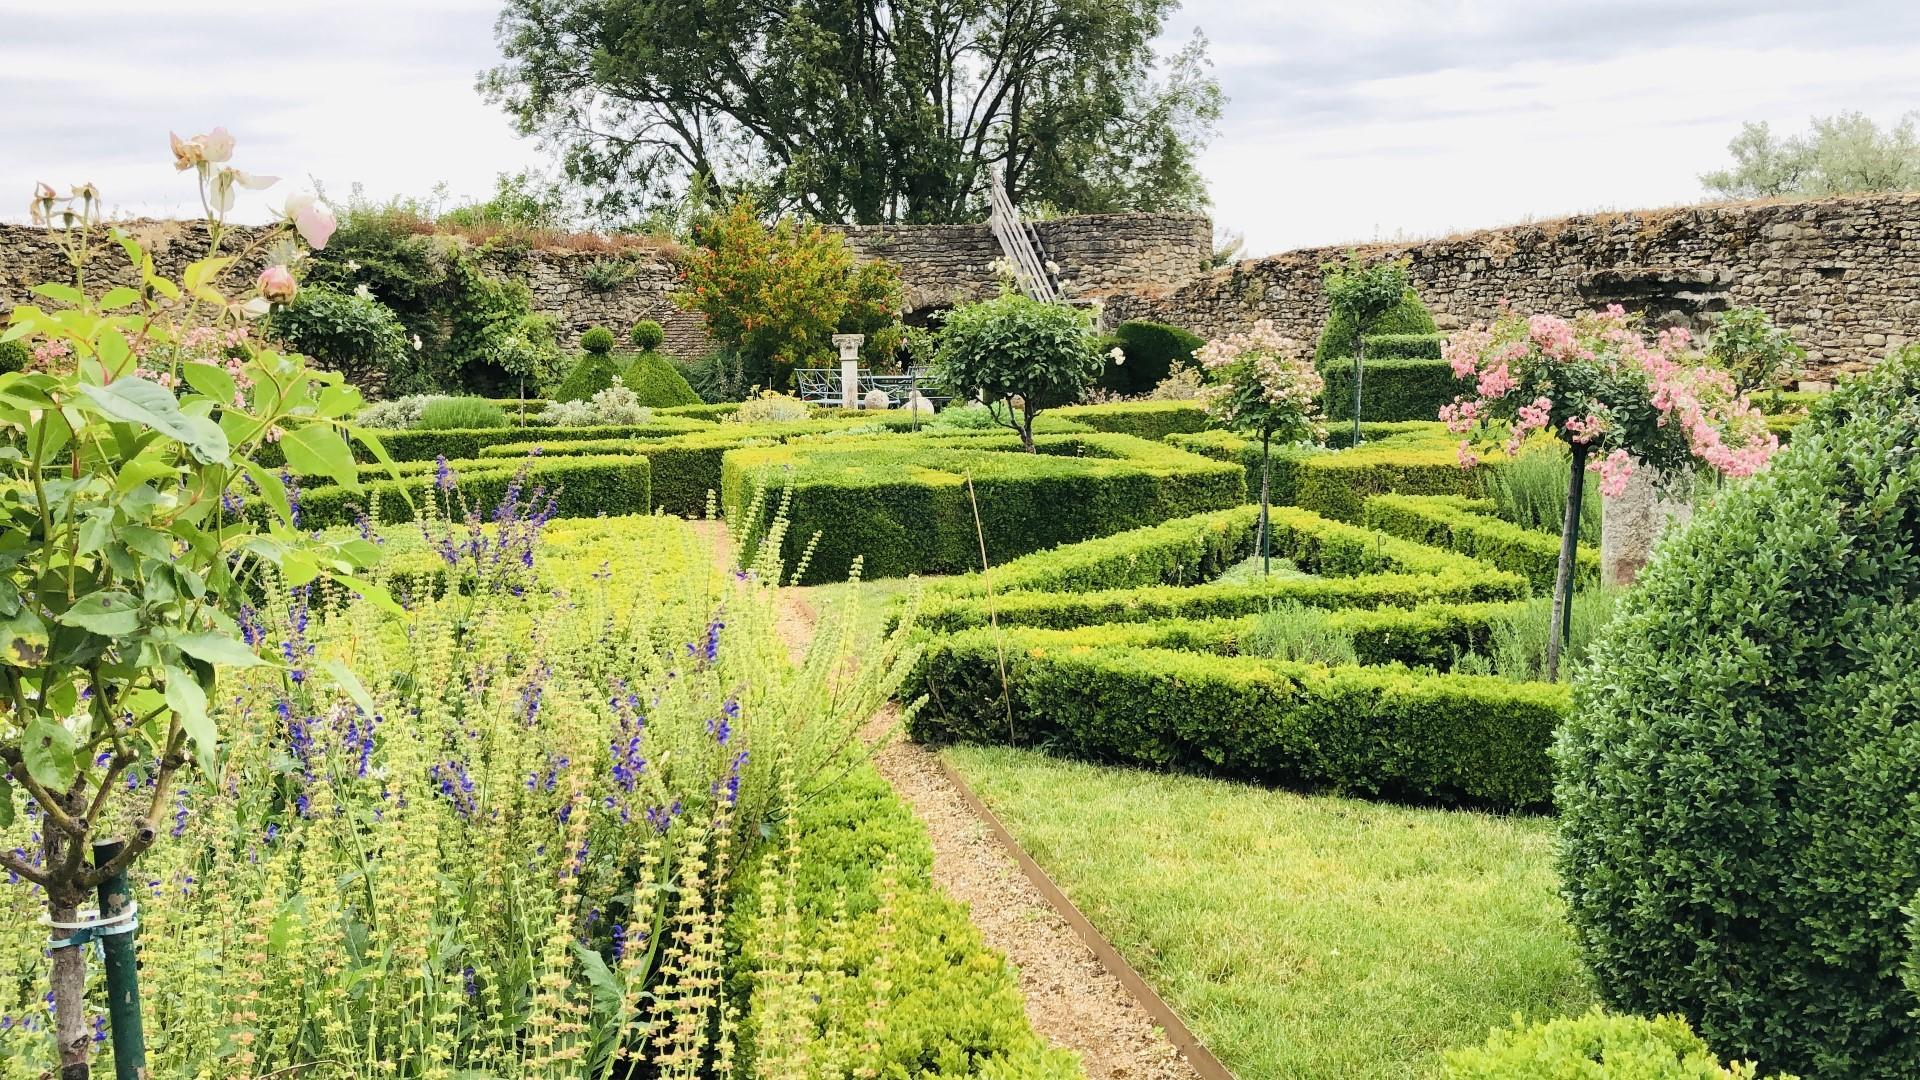 Image courtesy of OT Vallée du Loir - The Loir